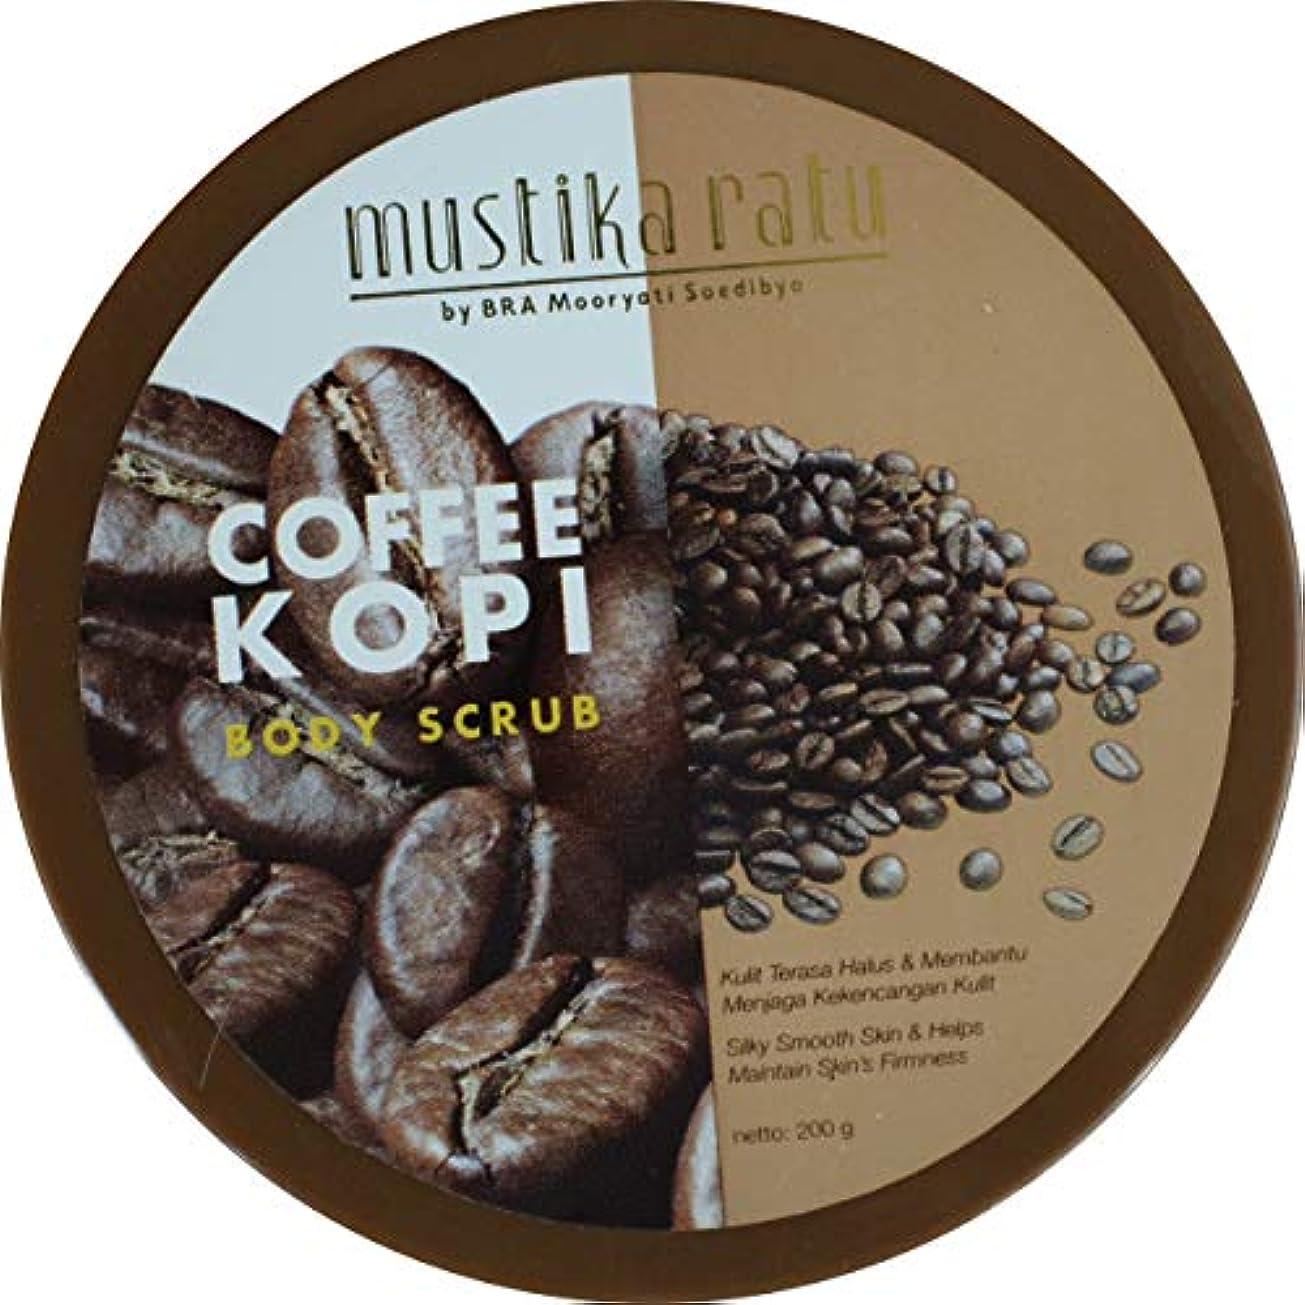 物思いにふけるポルノウルルMustika Ratu インドネシア200グラム単位でのコーヒーボディスクラップ